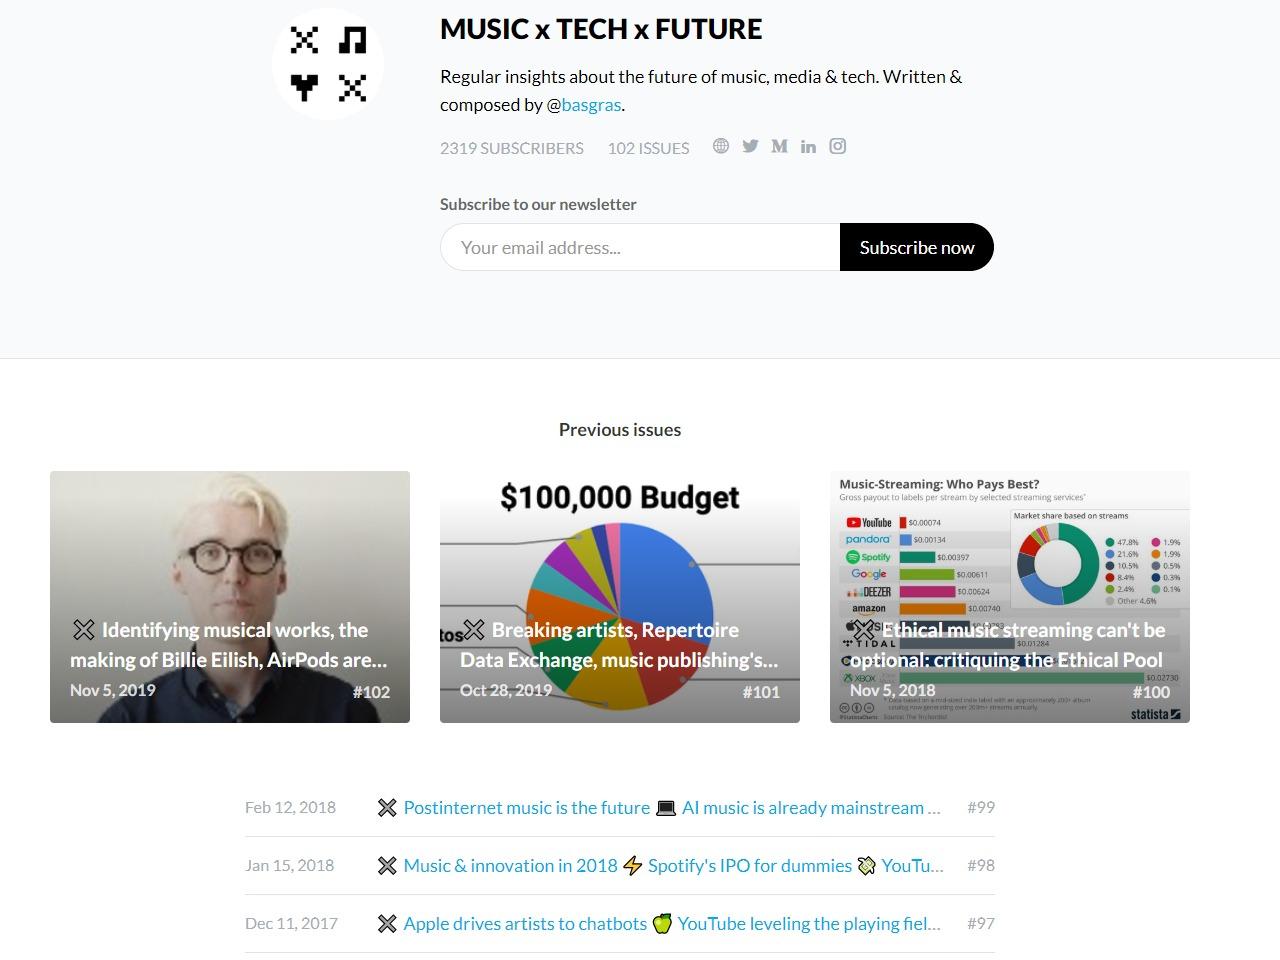 MUSIC x TECH x FUTURE newsletter